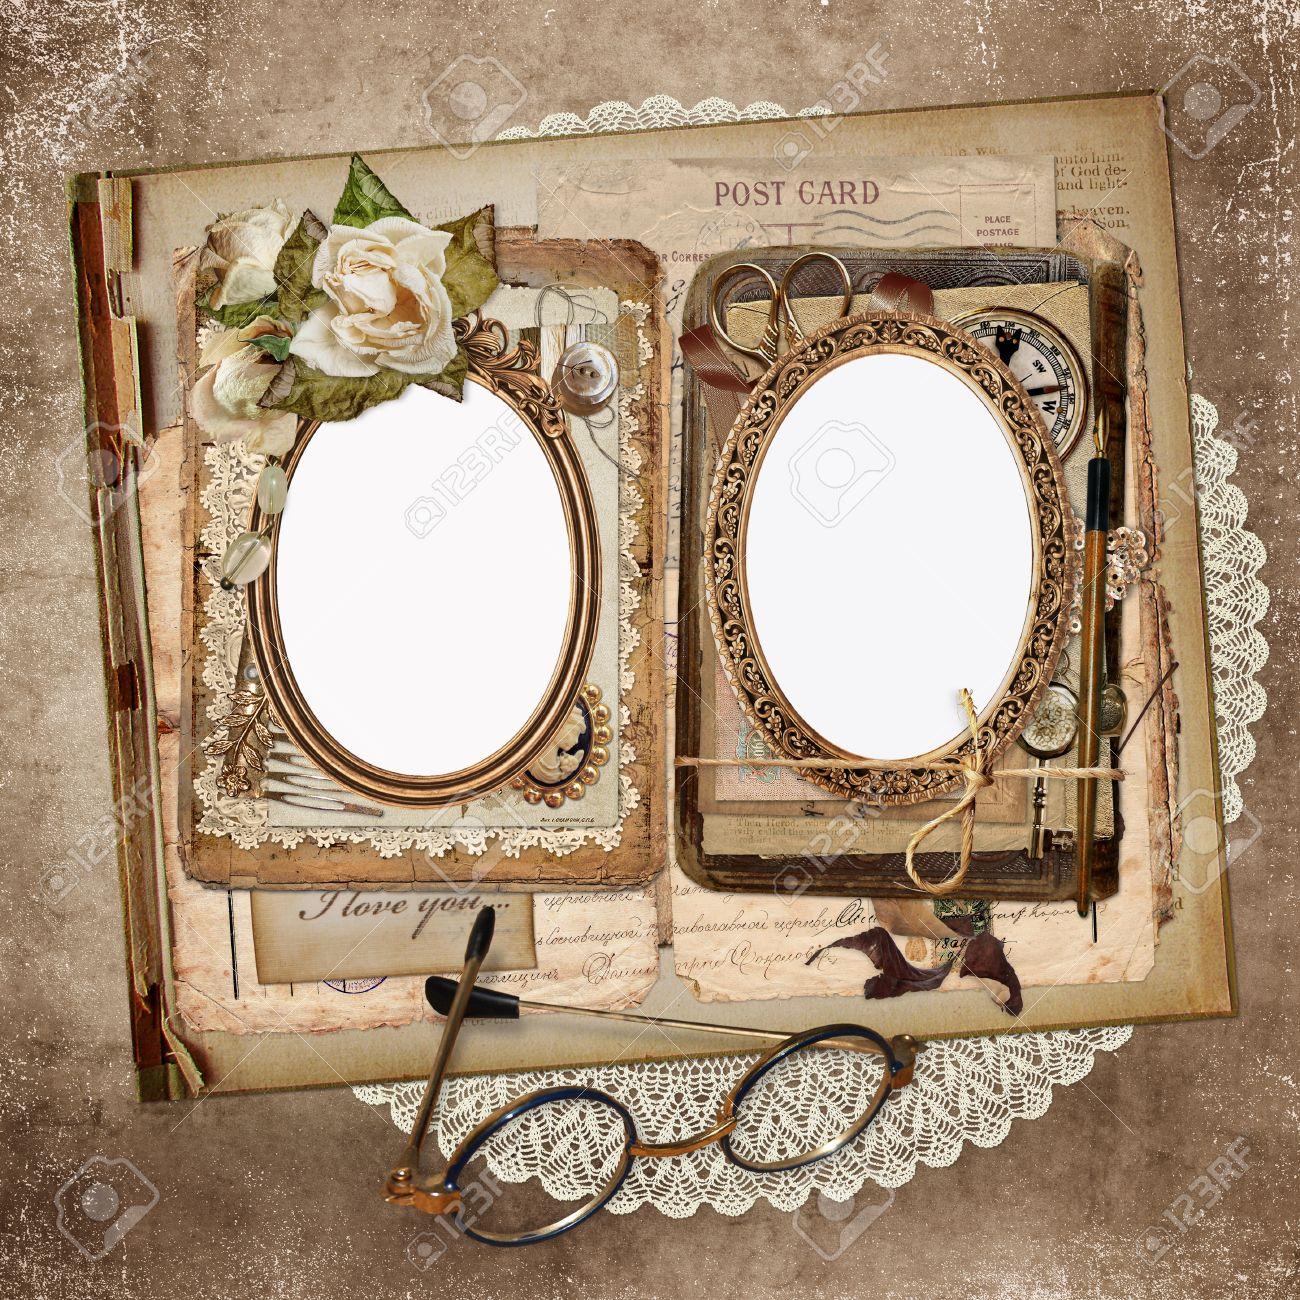 Die Rahmen Für Die Fotos, Alte Briefe, Dokumente, Vintage-Schmuck ...